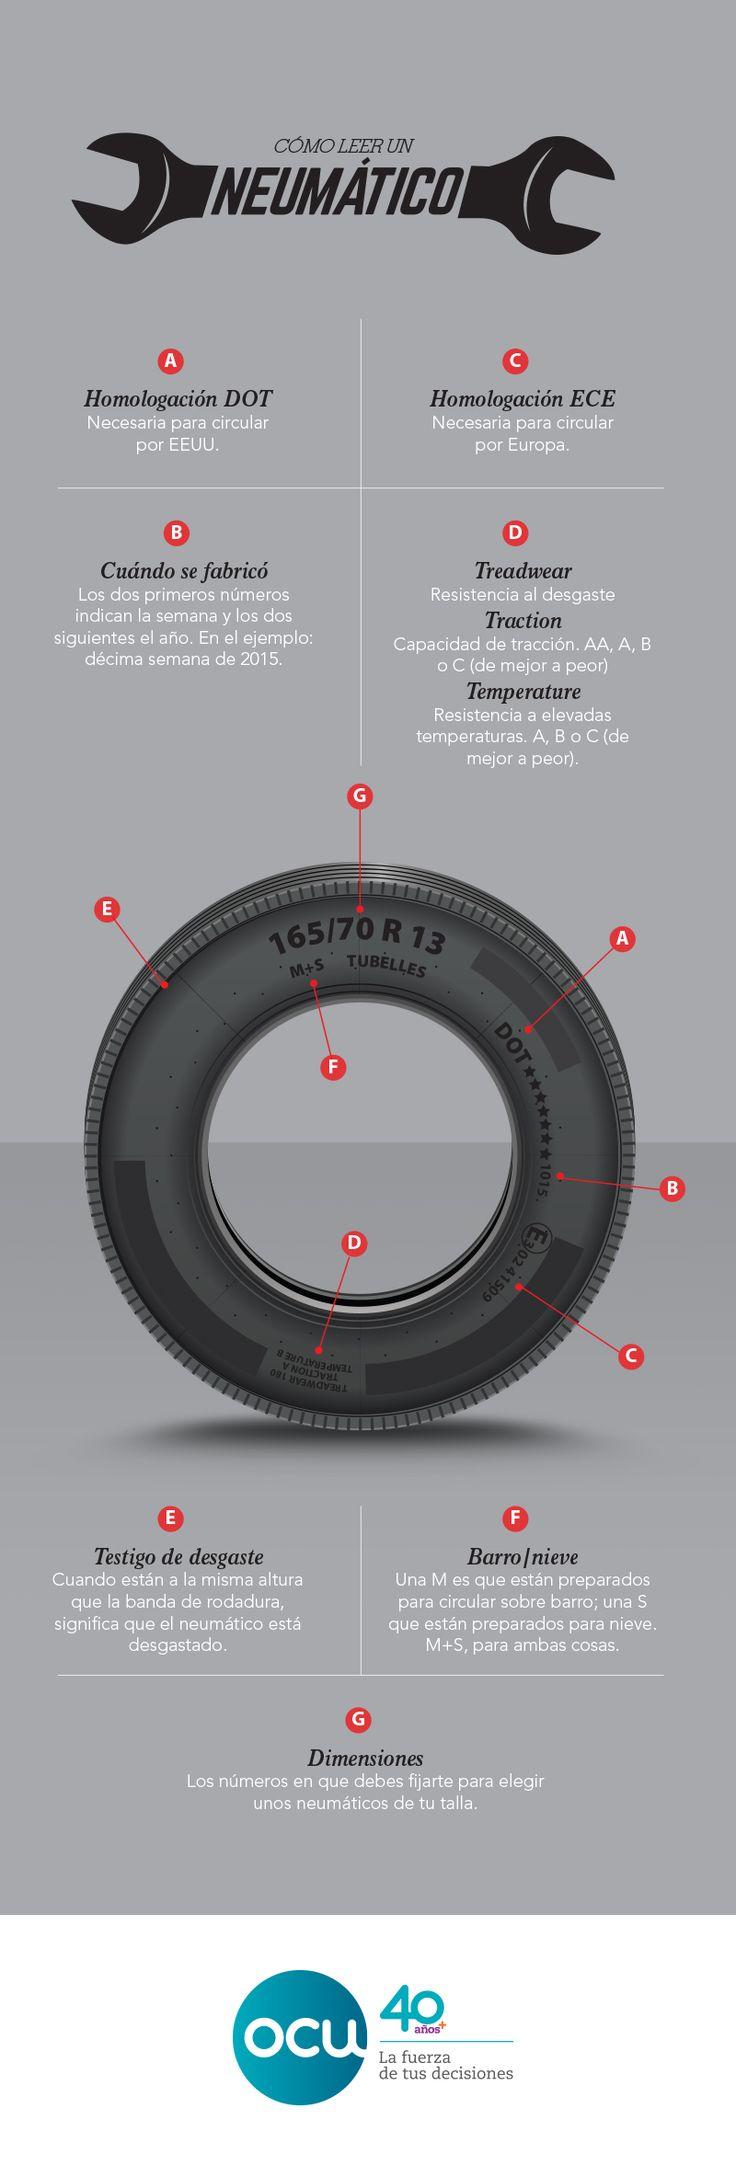 En un neumático hay muchísima información, pero debes saber leerla. Repasamos los conceptos que más te importan a la hora de compararlos y elegirlos http://www.youtube.com/watch?v=yyui0ZVh6QE